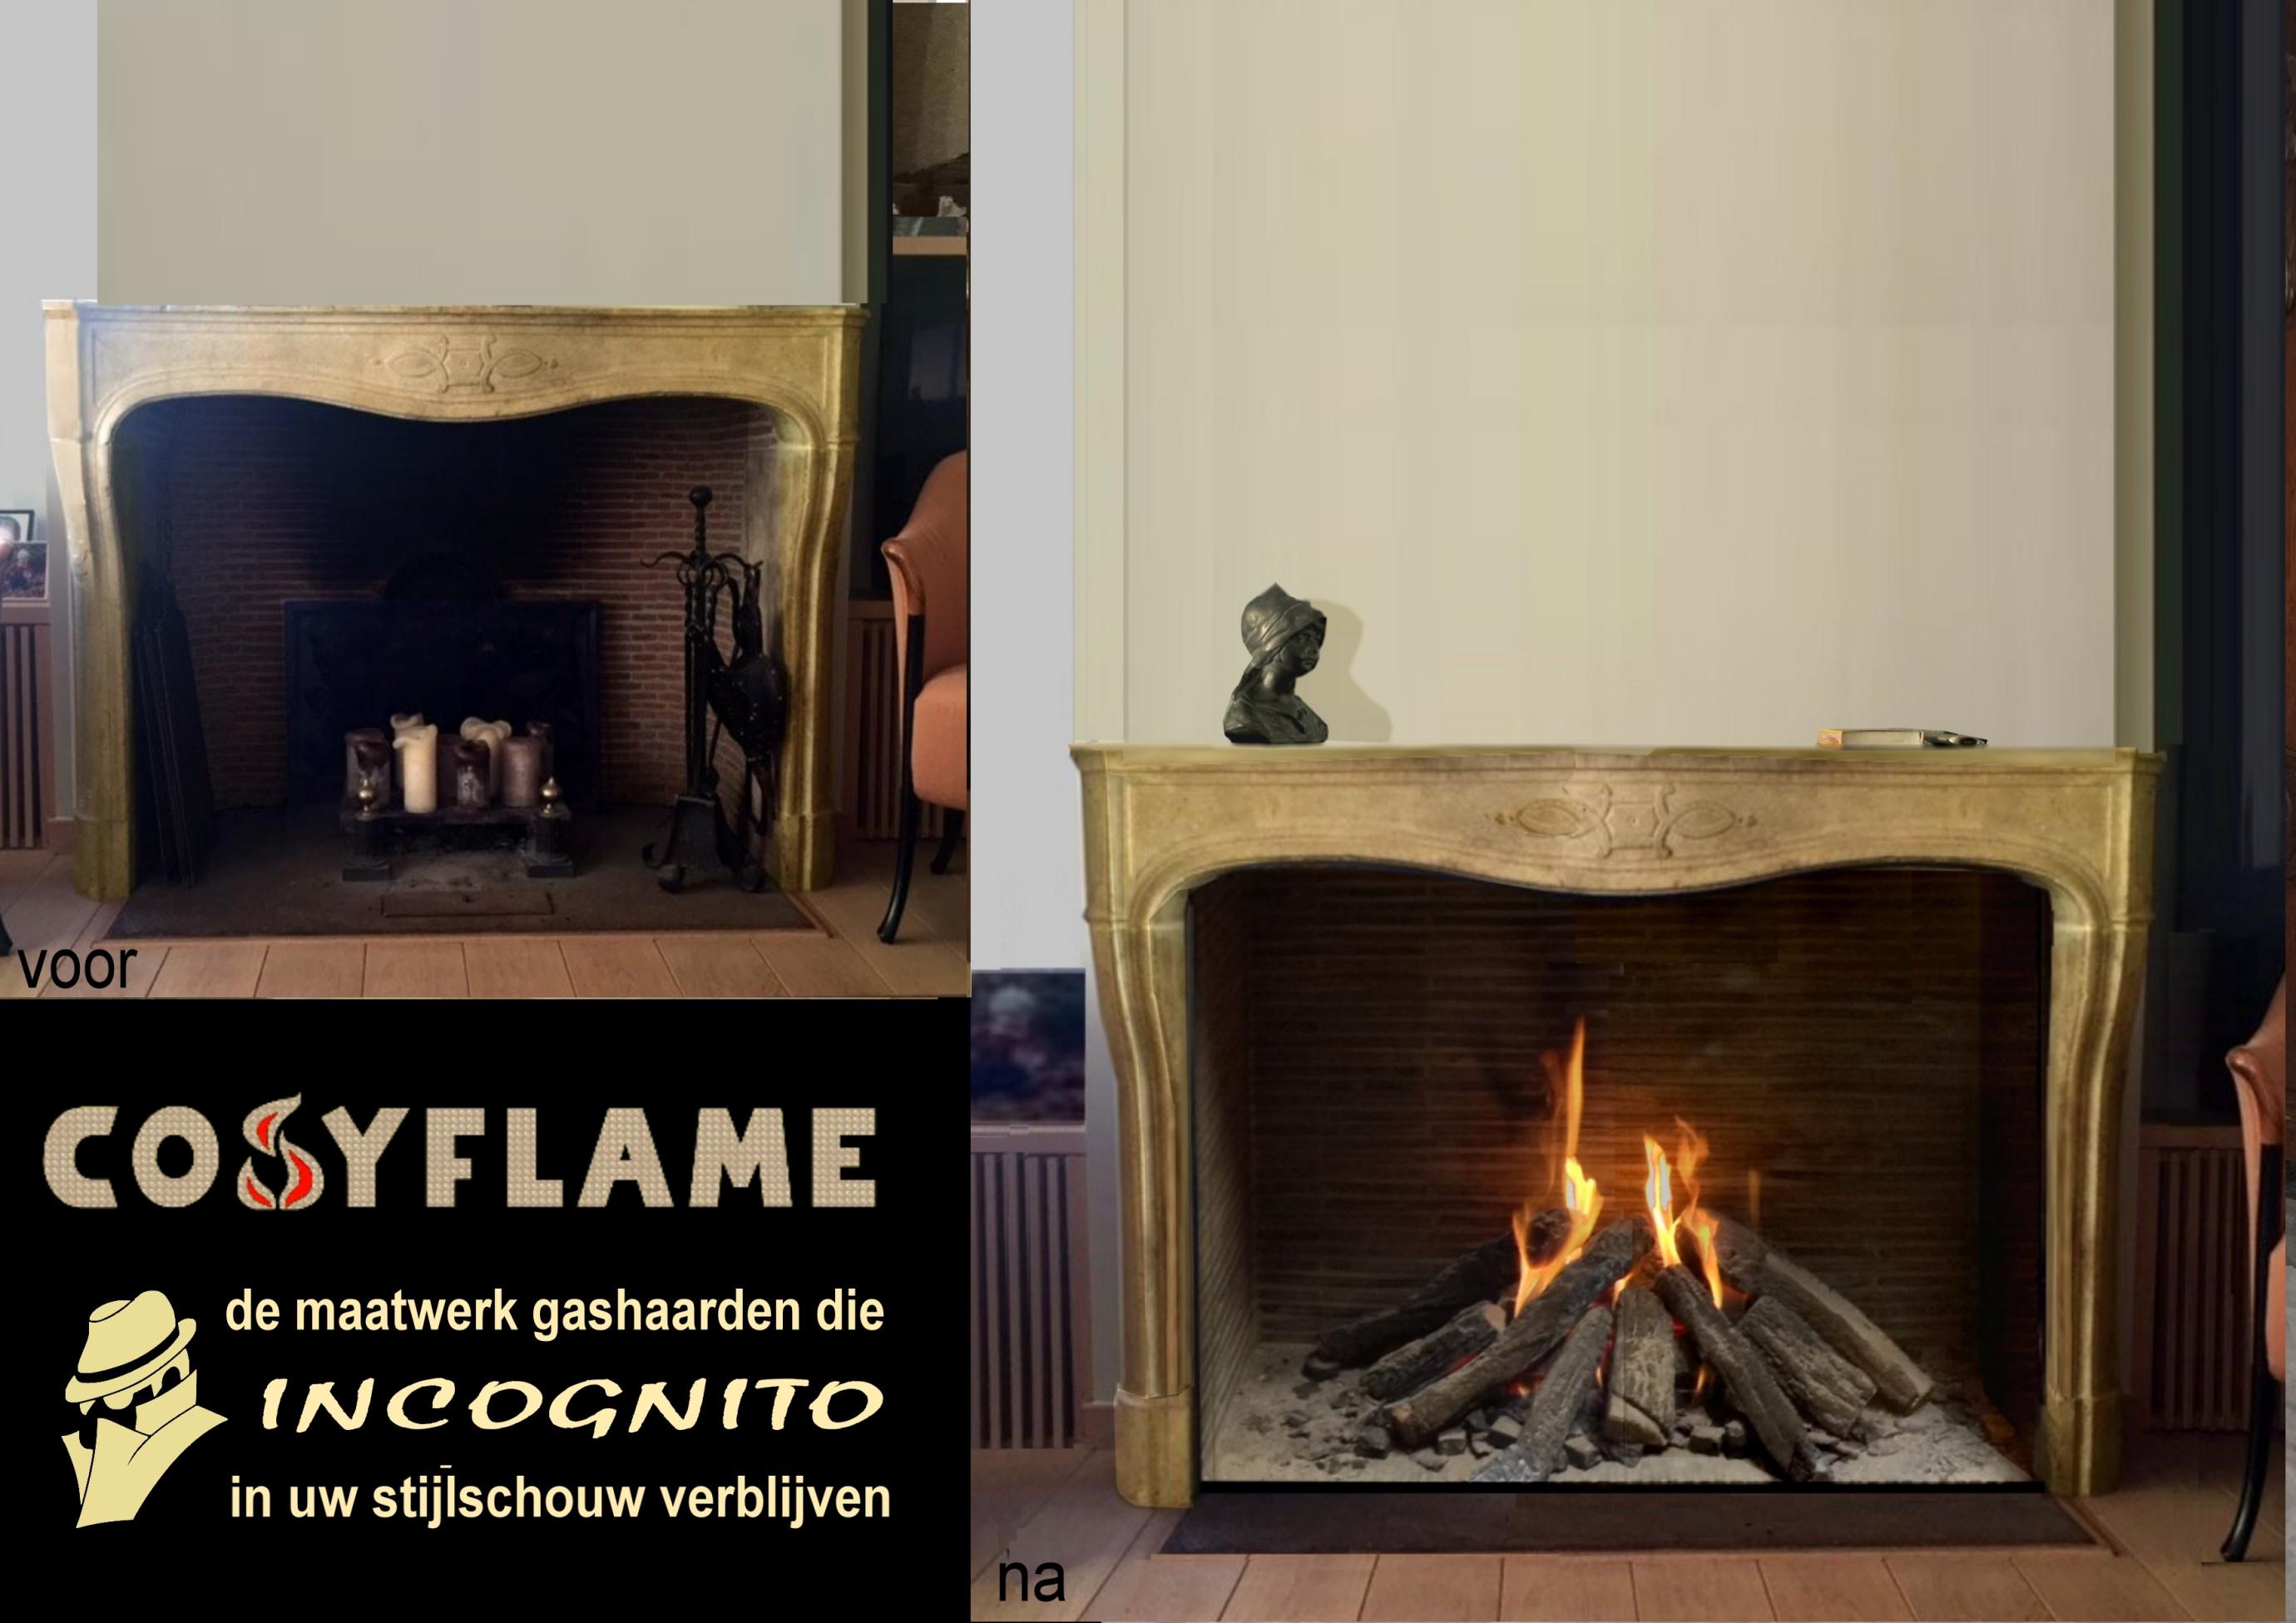 Cosyflame-IMG_5824.jpeg